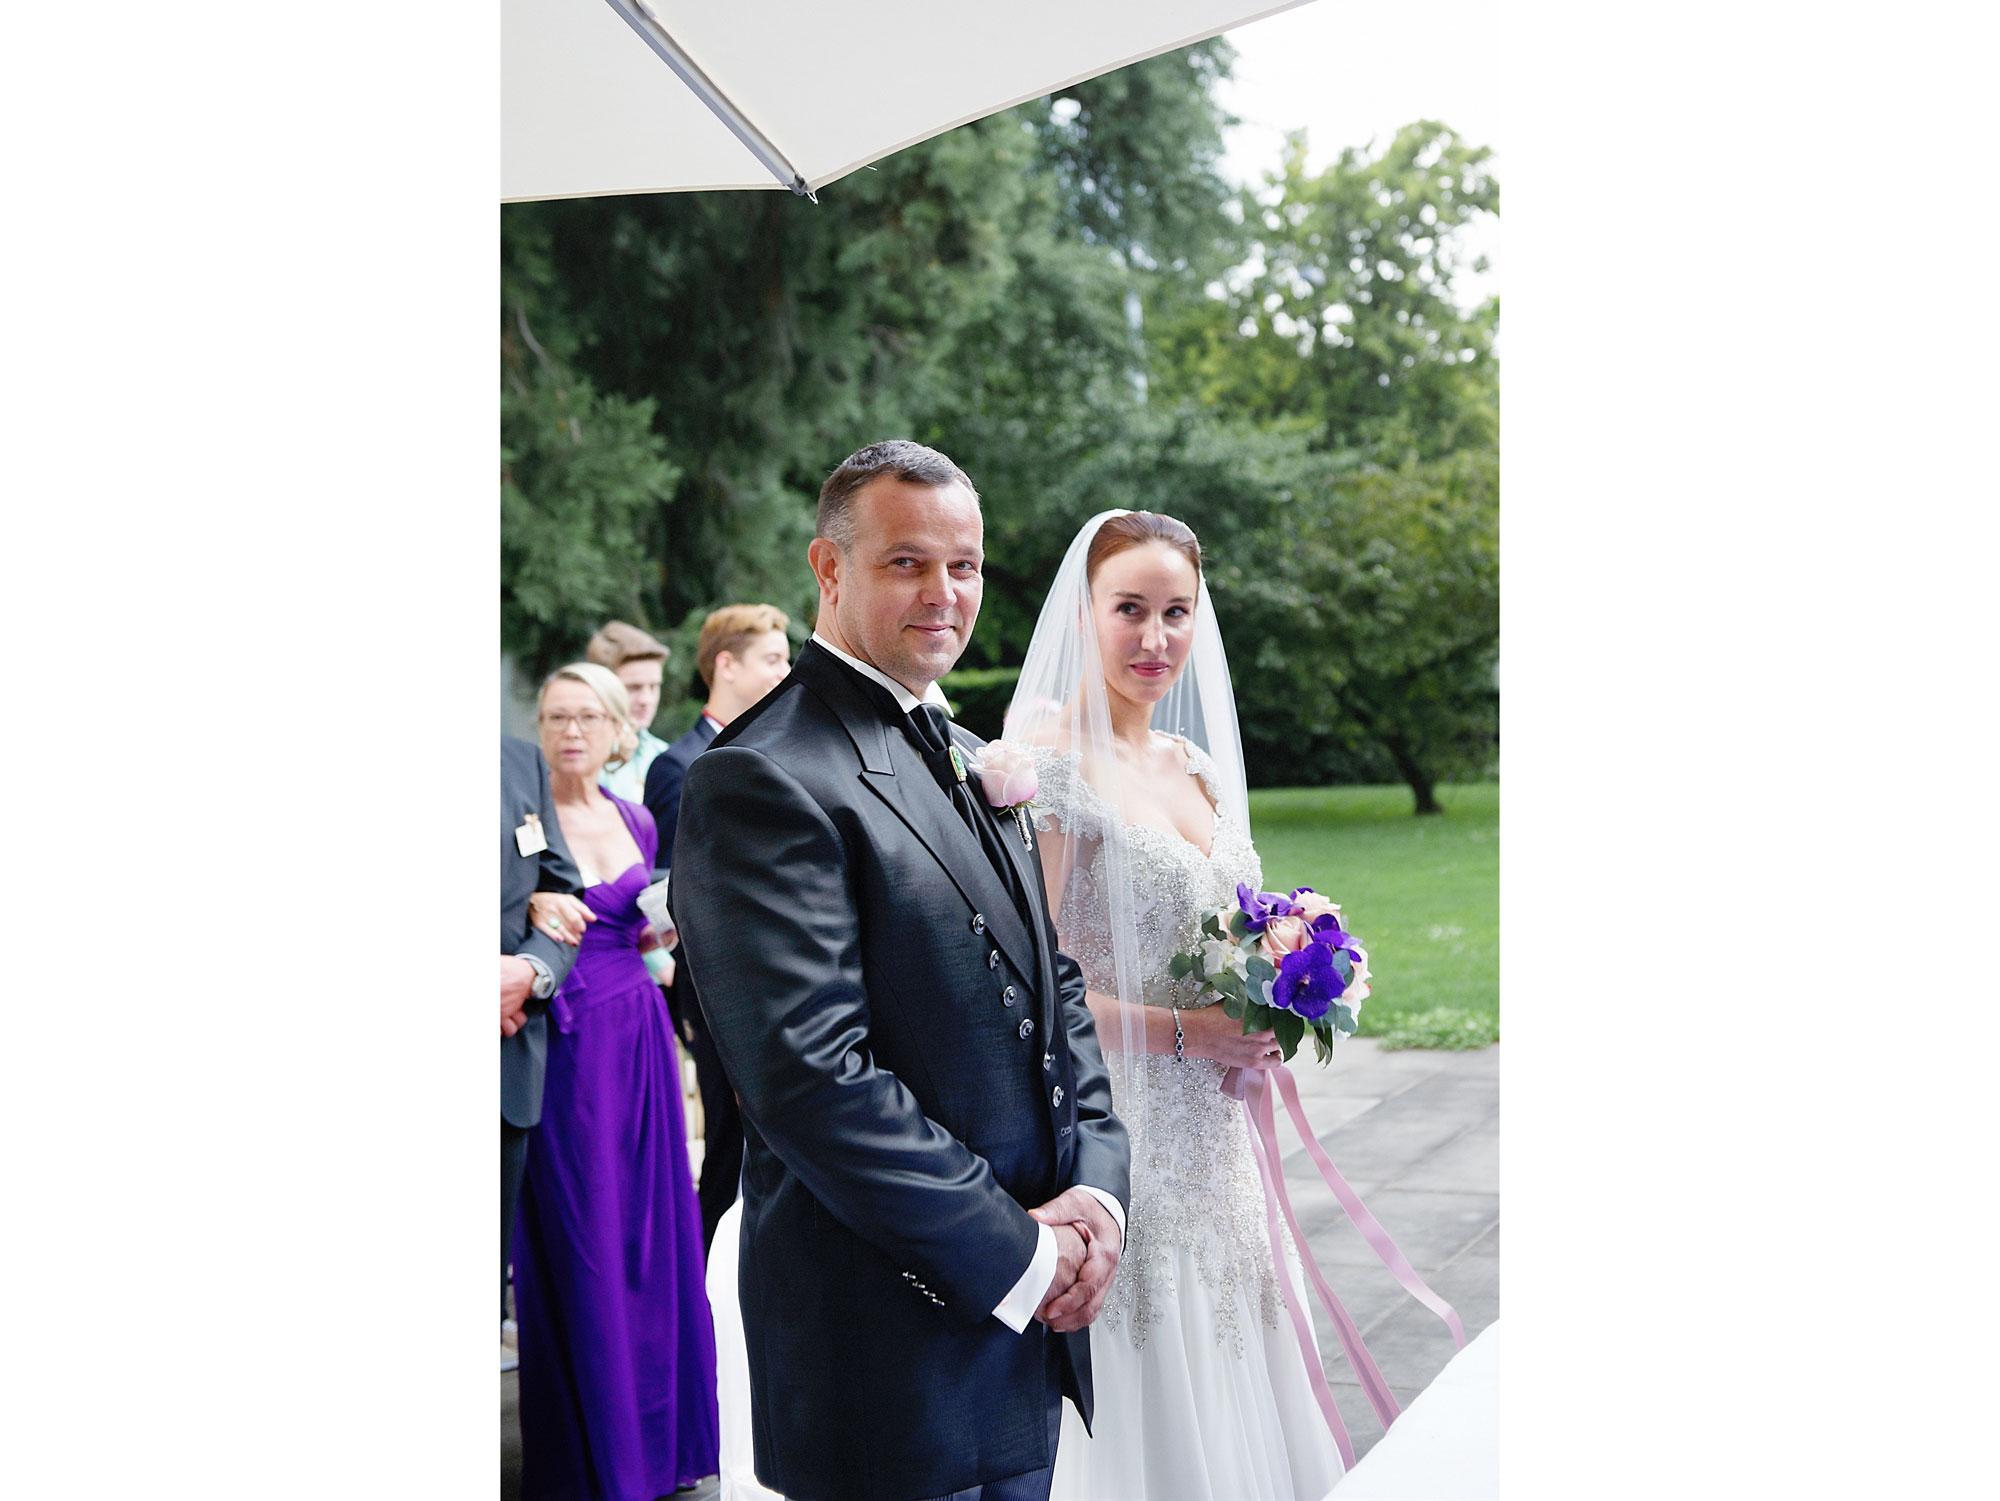 best_wedding_pictures_2019_zurich_Oksana_Bernold_001.jpg